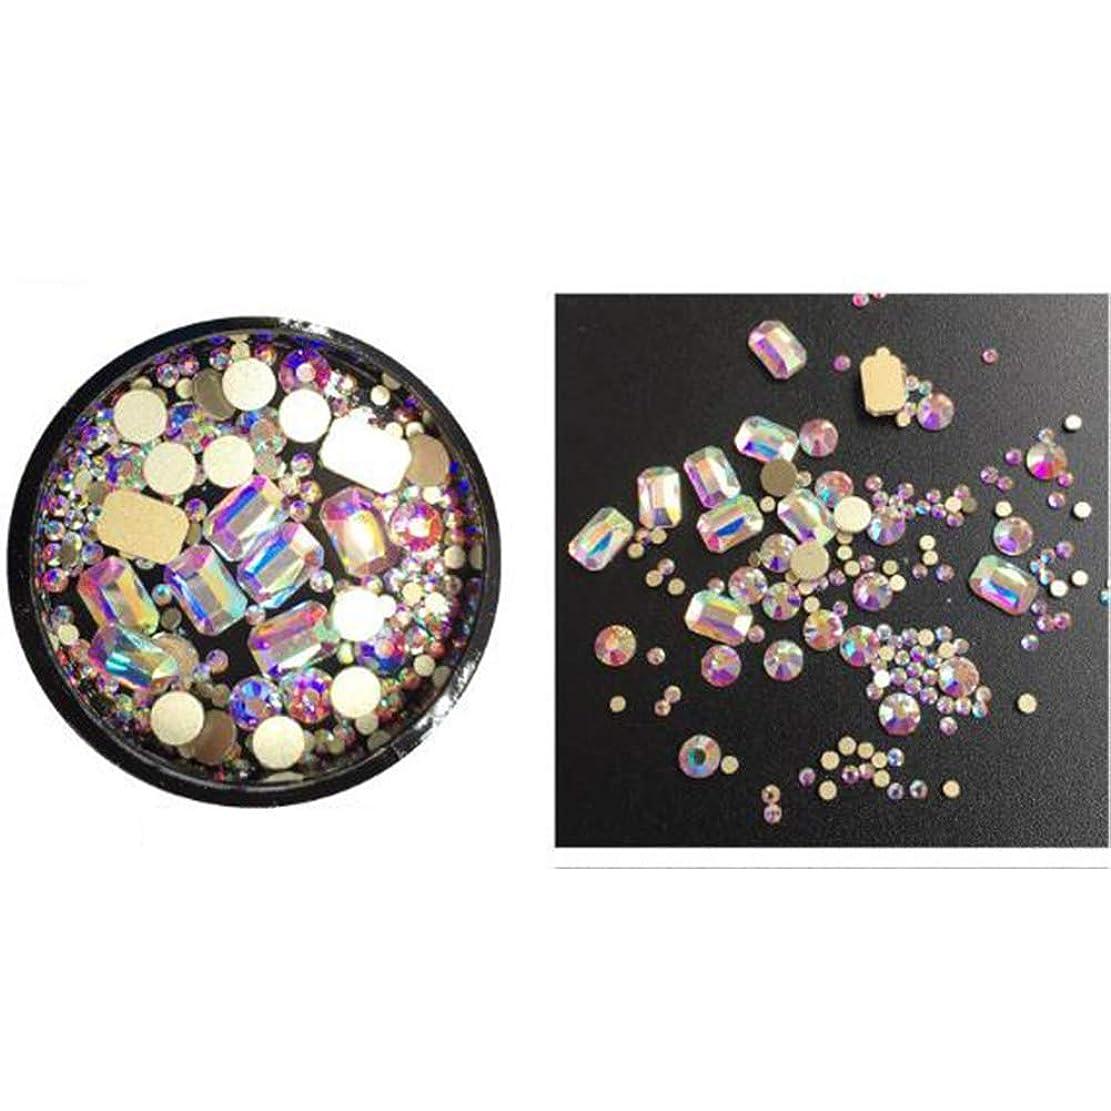 飛ぶハンバーガー後退するACHICOO ネイルジュエリー ダイヤモンド クリスタル ファッション シマーネイルデコレーション DIY 装飾 ロングアニスABカラーダイヤモンド